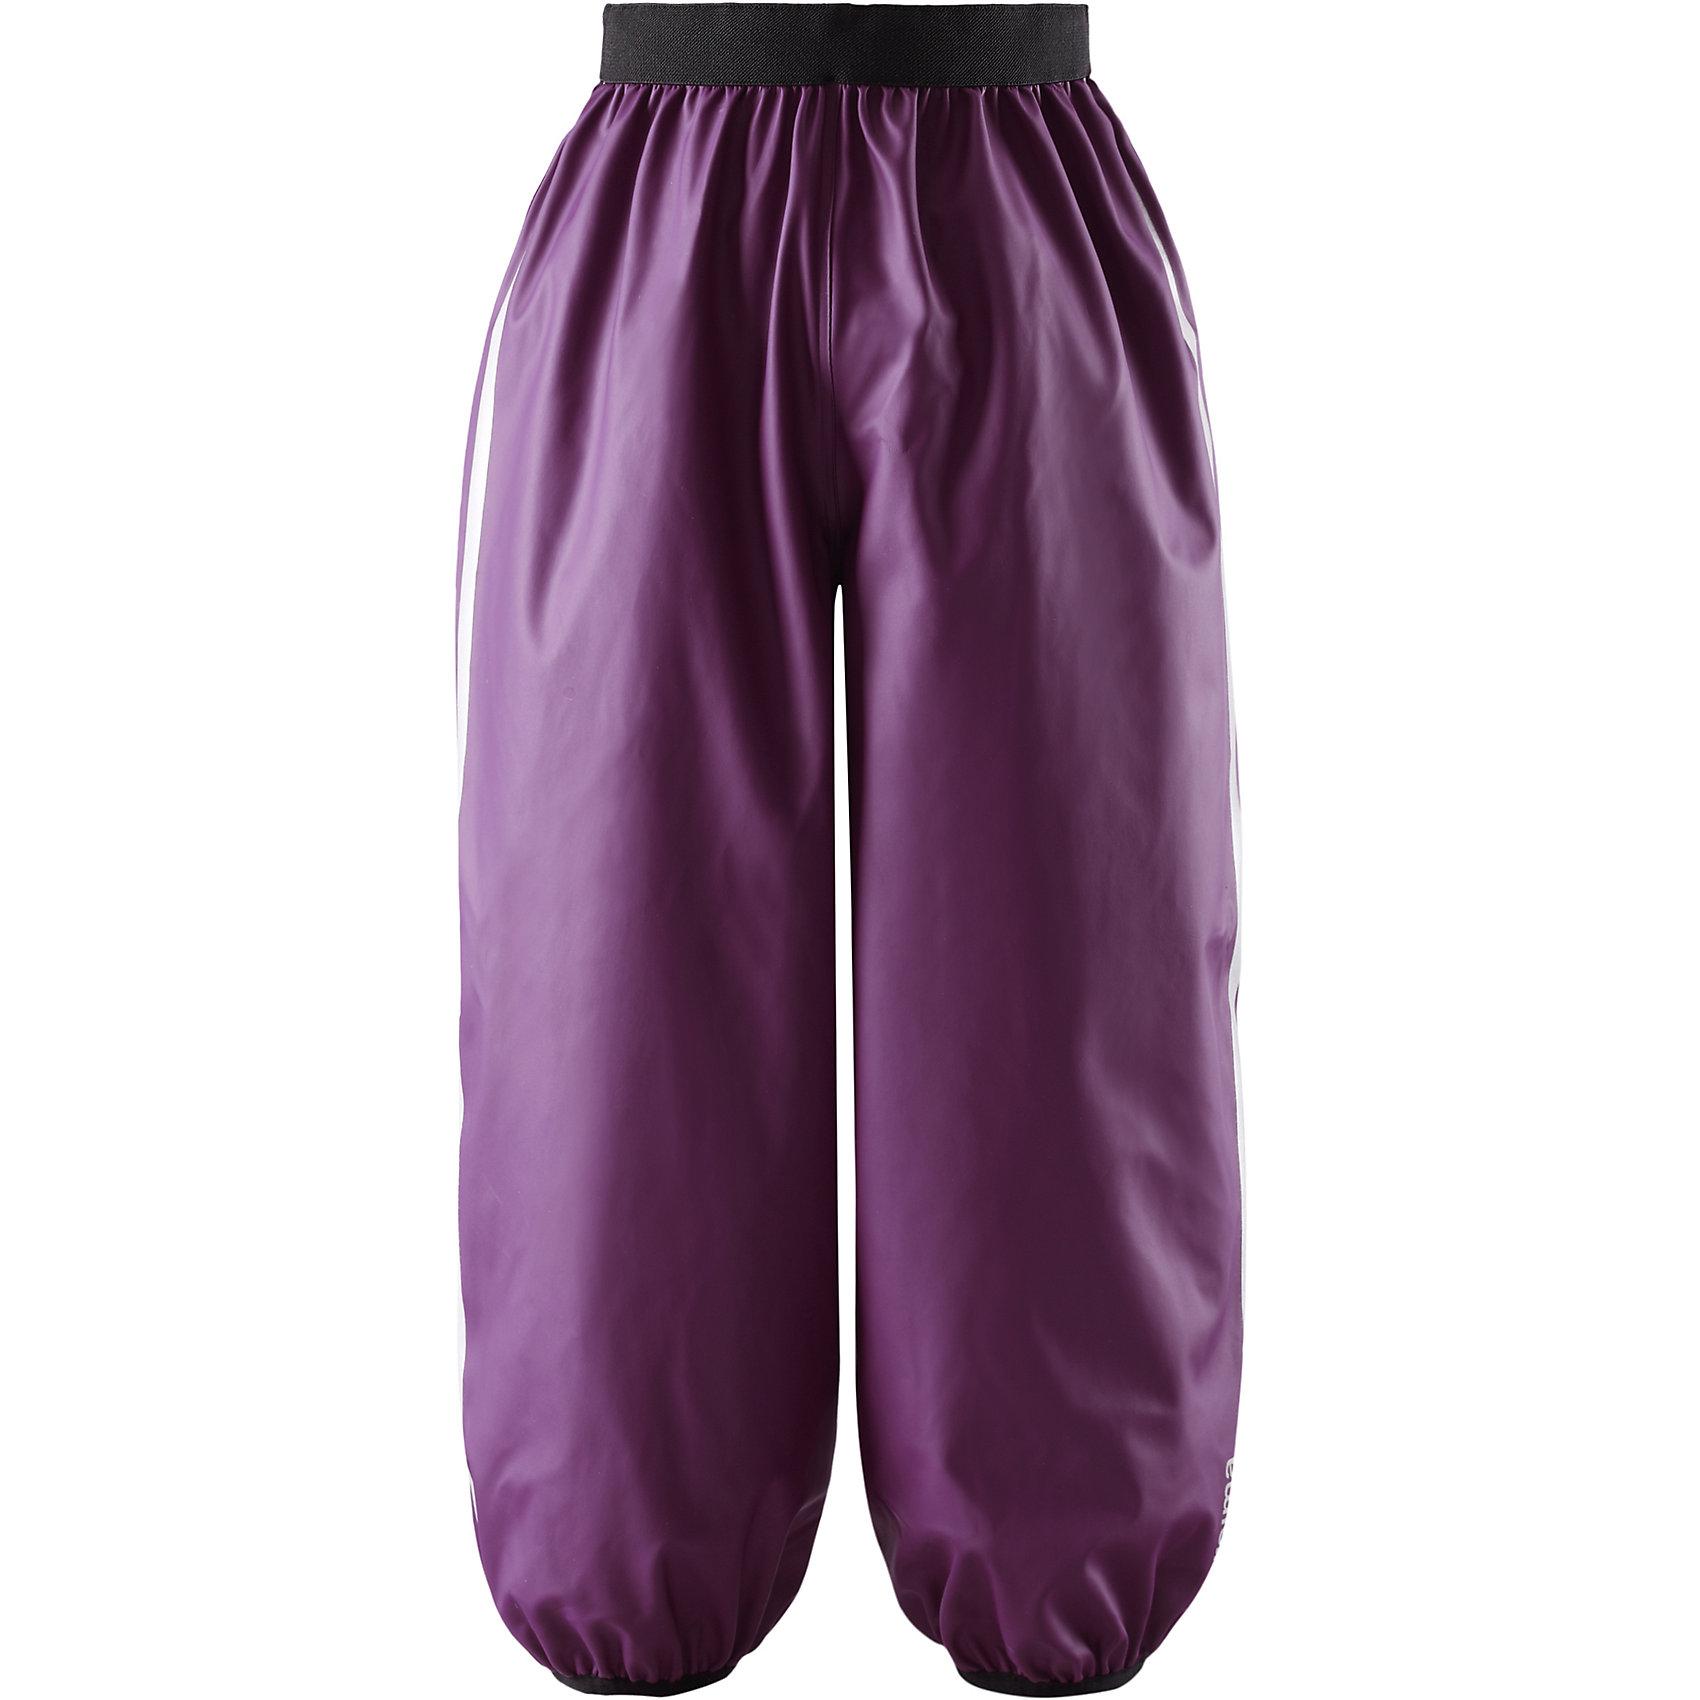 Брюки Oja для девочки ReimaБрюки  Reima<br>Детские брюки для дождливой погоды. Запаянные швы, не пропускающие влагу. Эластичный материал. Без ПХВ. Эластичная талия. Съемные штрипки в размерах от 104 до 128 см. Безопасные светоотражающие детали.<br>Уход:<br>Стирать по отдельности, вывернув наизнанку. Стирать моющим средством, не содержащим отбеливающие вещества. Полоскать без специального средства. Во избежание изменения цвета изделие необходимо вынуть из стиральной машинки незамедлительно после окончания программы стирки. Сушить при низкой температуре.<br>Состав:<br>100% Полиамид, полиуретановое покрытие<br><br>Ширина мм: 215<br>Глубина мм: 88<br>Высота мм: 191<br>Вес г: 336<br>Цвет: фиолетовый<br>Возраст от месяцев: 96<br>Возраст до месяцев: 108<br>Пол: Женский<br>Возраст: Детский<br>Размер: 134,110,116,104,128,122,140<br>SKU: 4777964